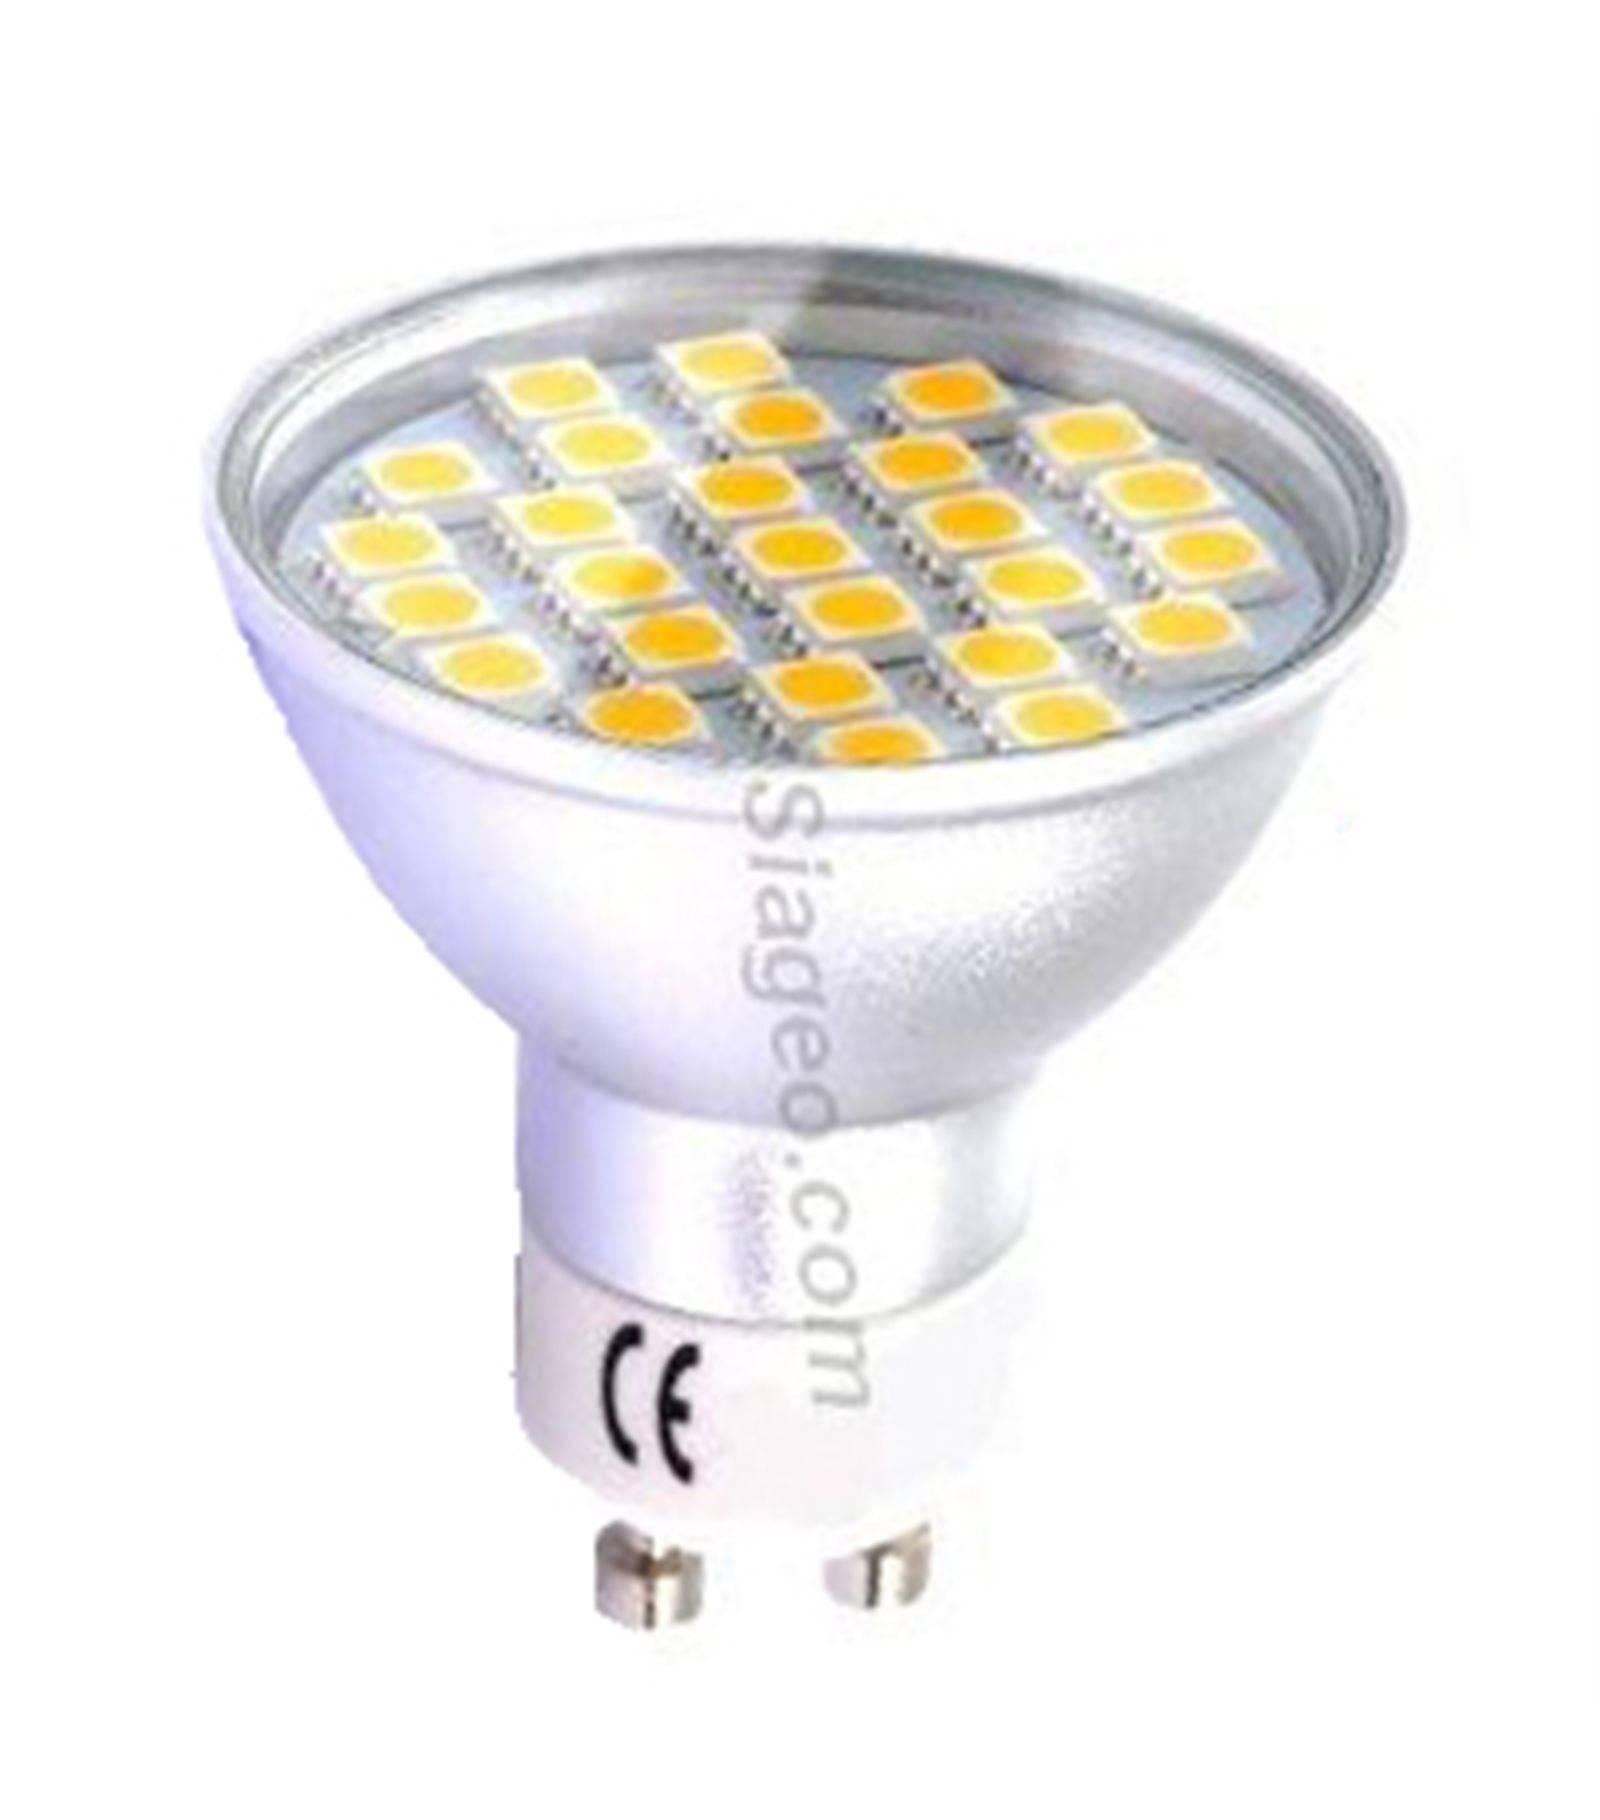 Ampoule Hipow Froid 31wBlanc 150° Gu10 280lméquiv 4w 27 Led Smd5050 qSVzMUpG